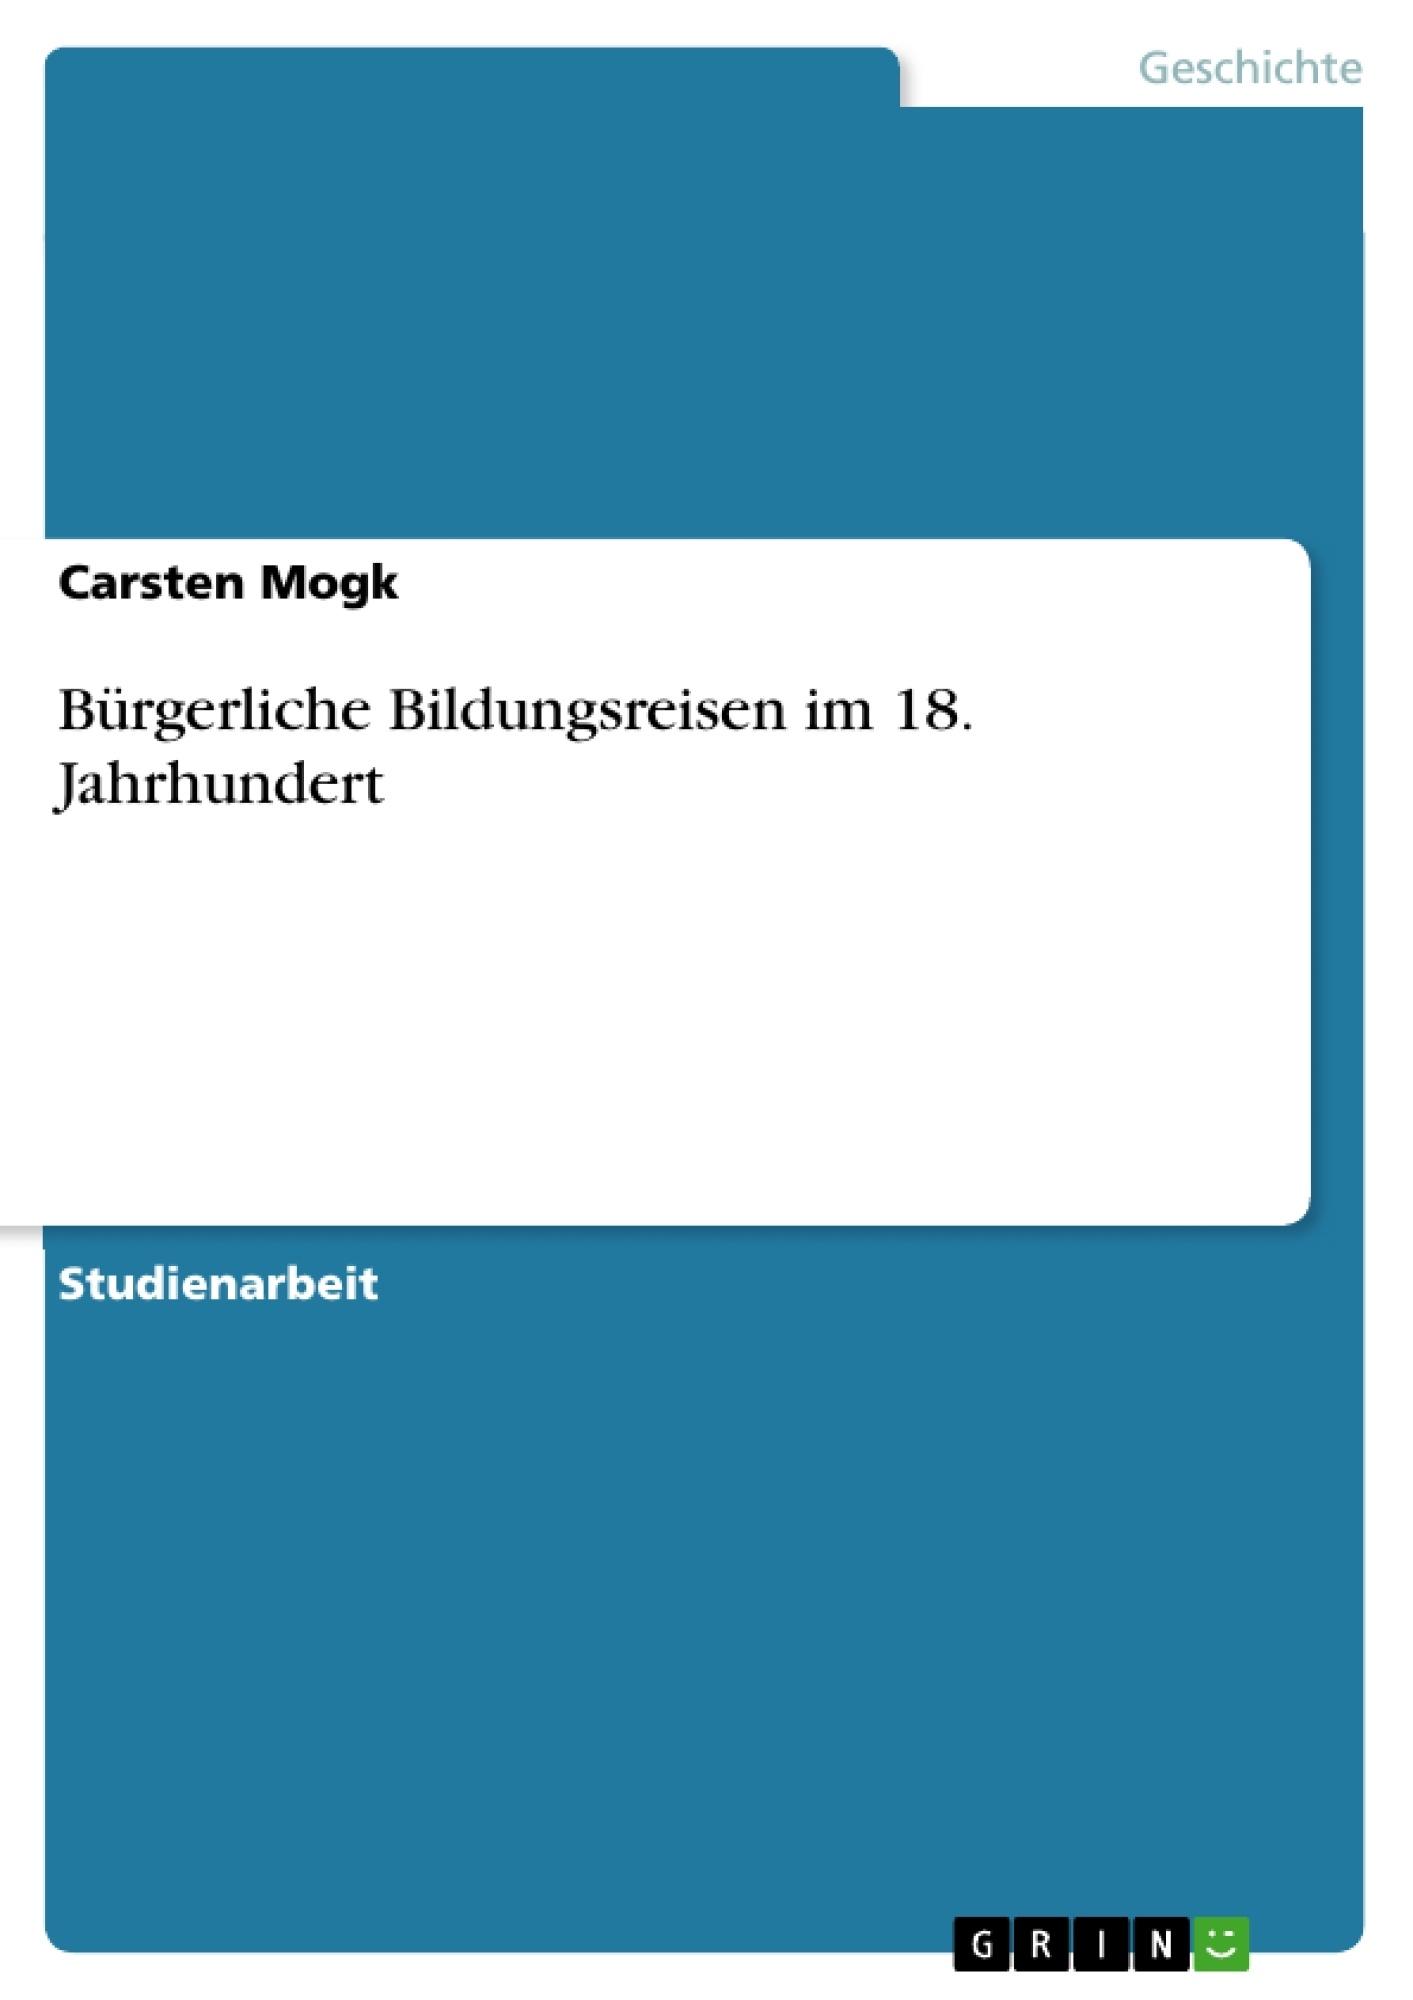 Titel: Bürgerliche Bildungsreisen im 18. Jahrhundert